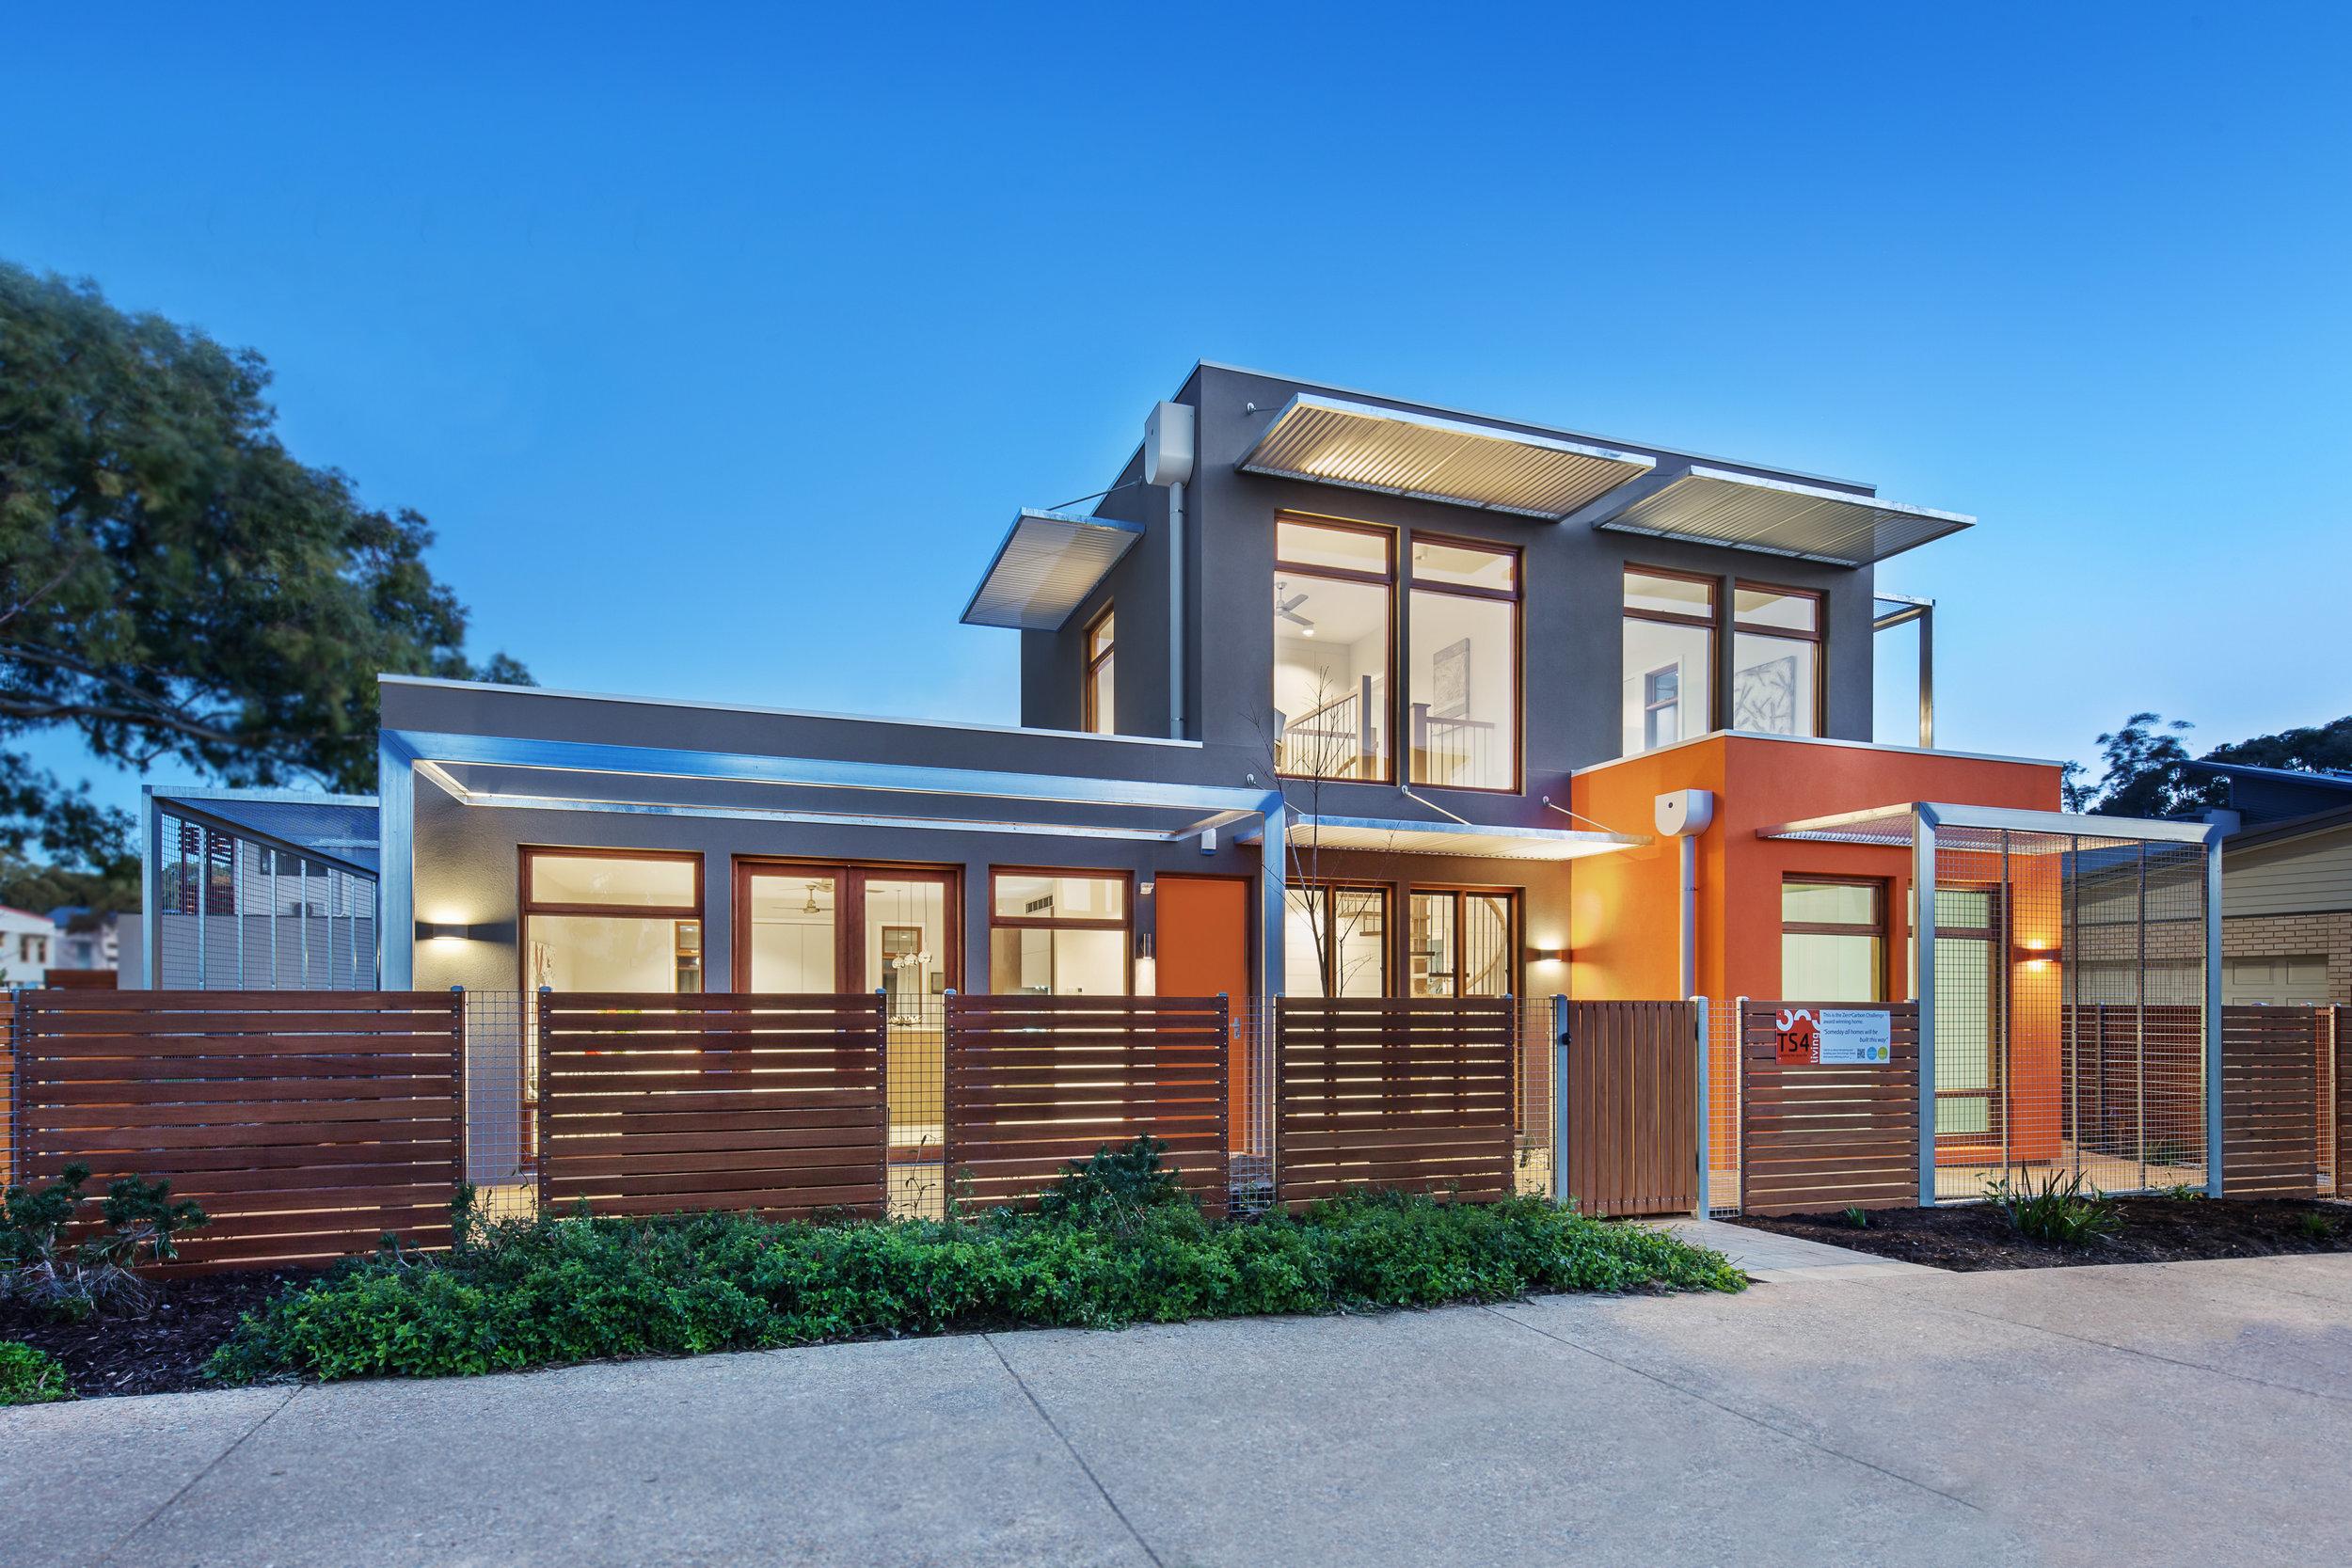 ZERO CARBON HOUSE -